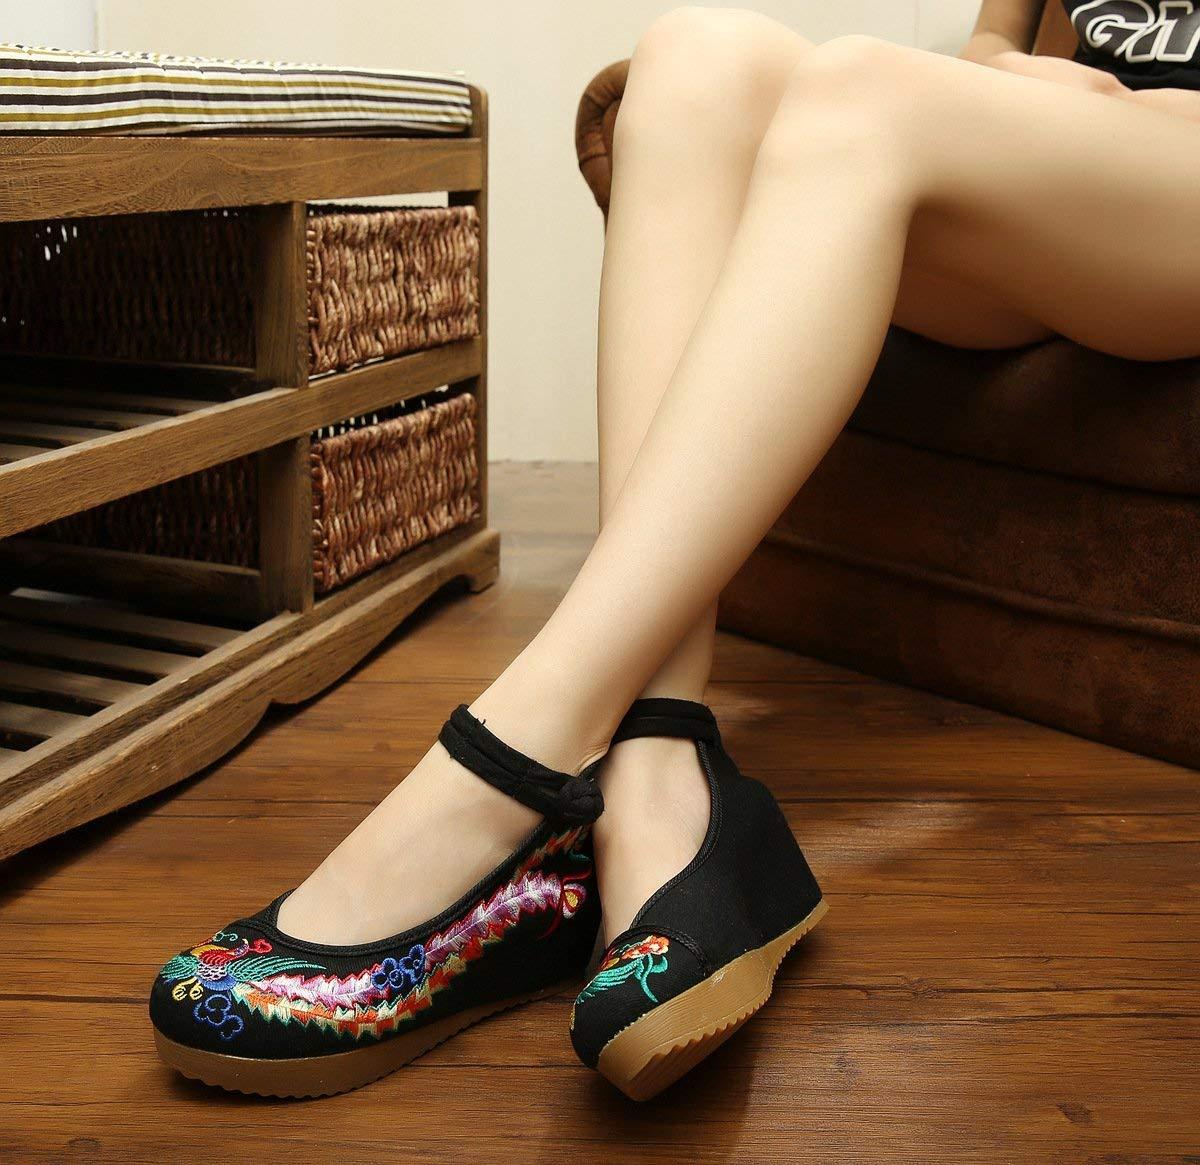 Fuxitoggo Bestickte Schuhe Leinen Sehnensohle Ethno-Stil Frauenschuhe Mode schwarz bequem lässig schwarz Mode 39 (Farbe   - Größe   -) 205628